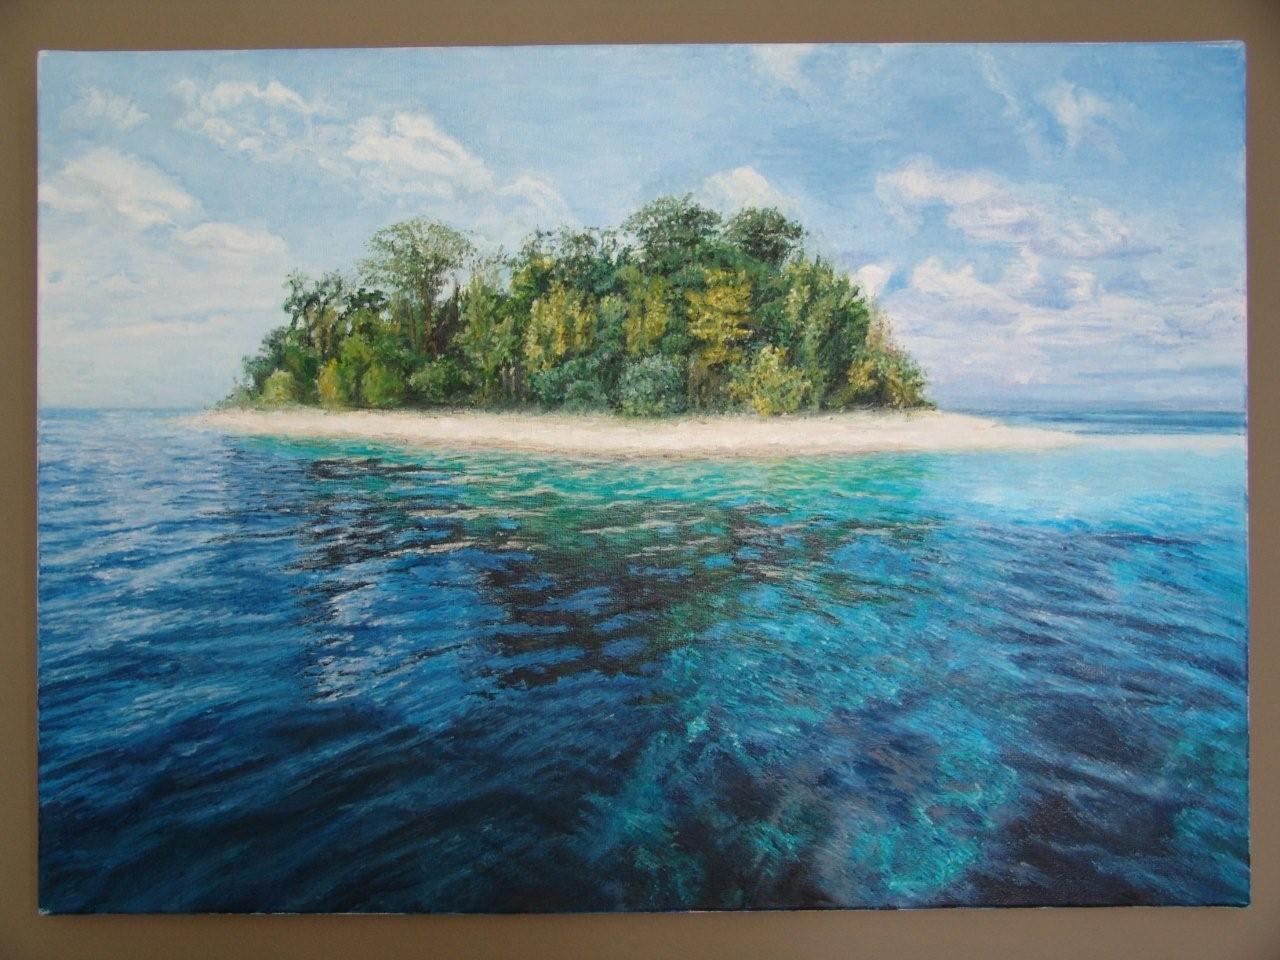 wyspa (bezludna)